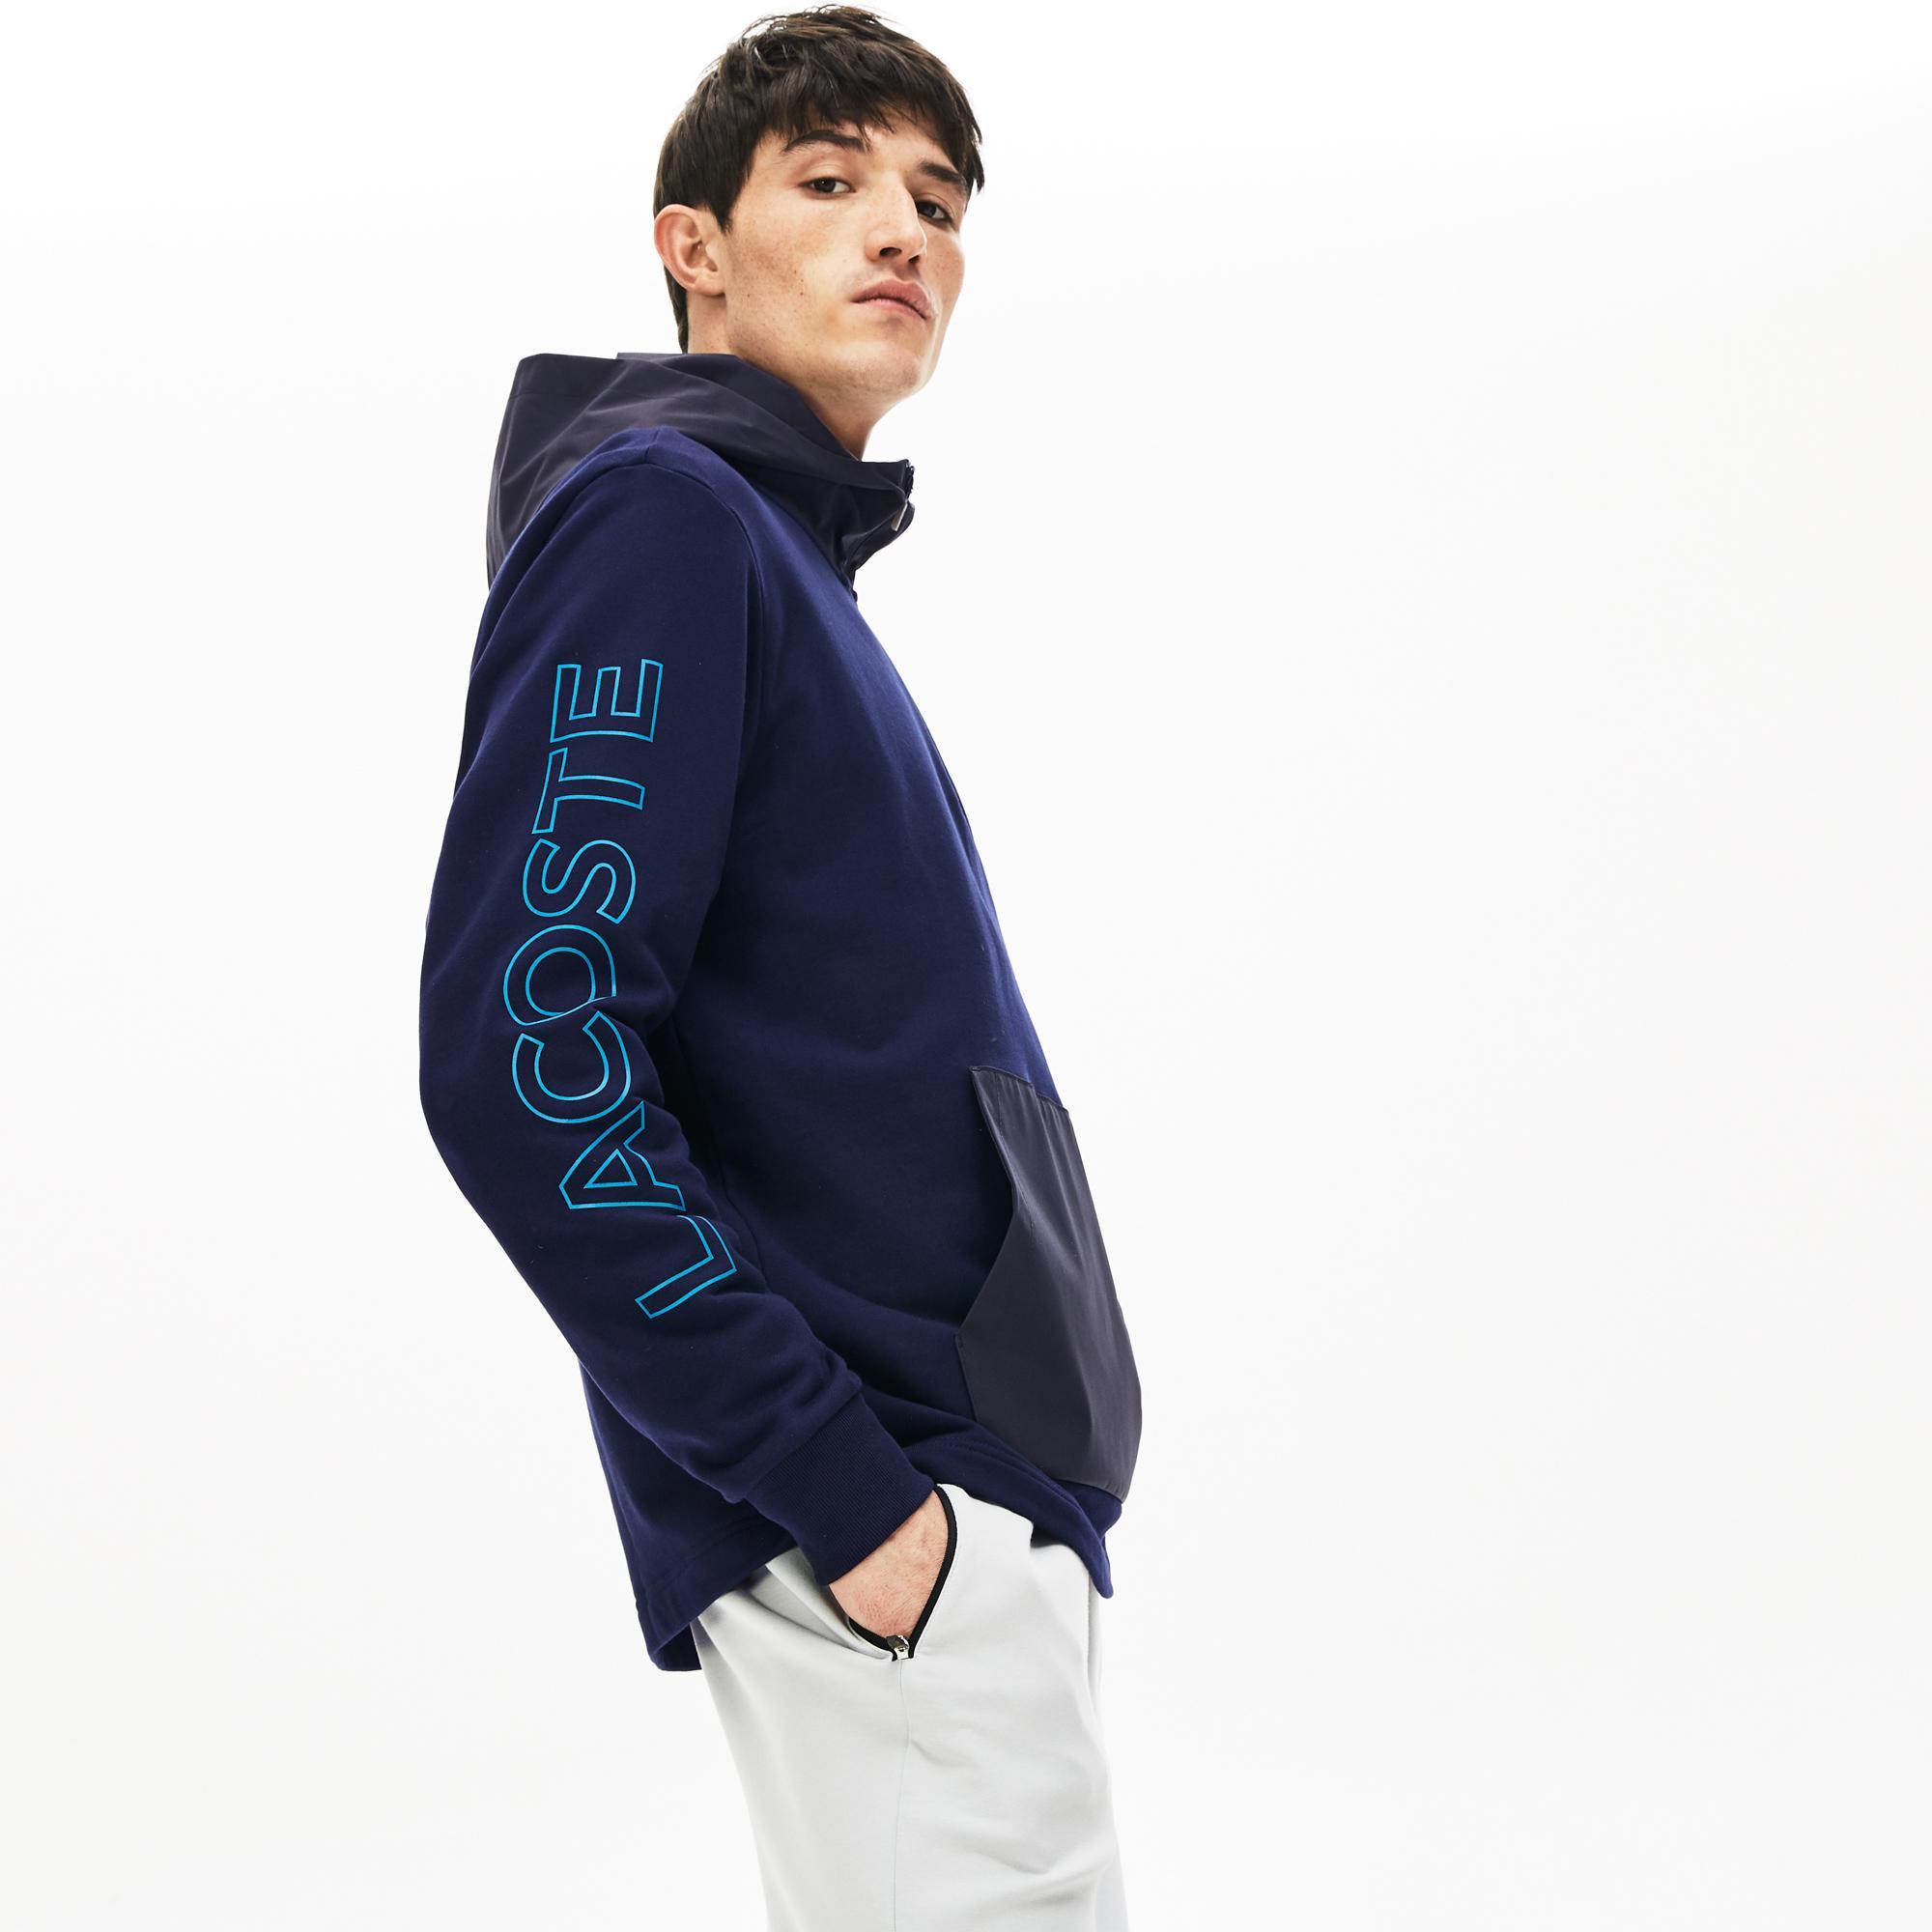 Lacoste Motion Erkek Lacivert Çıkarılabilir Kapüşonlu Sweatshirt